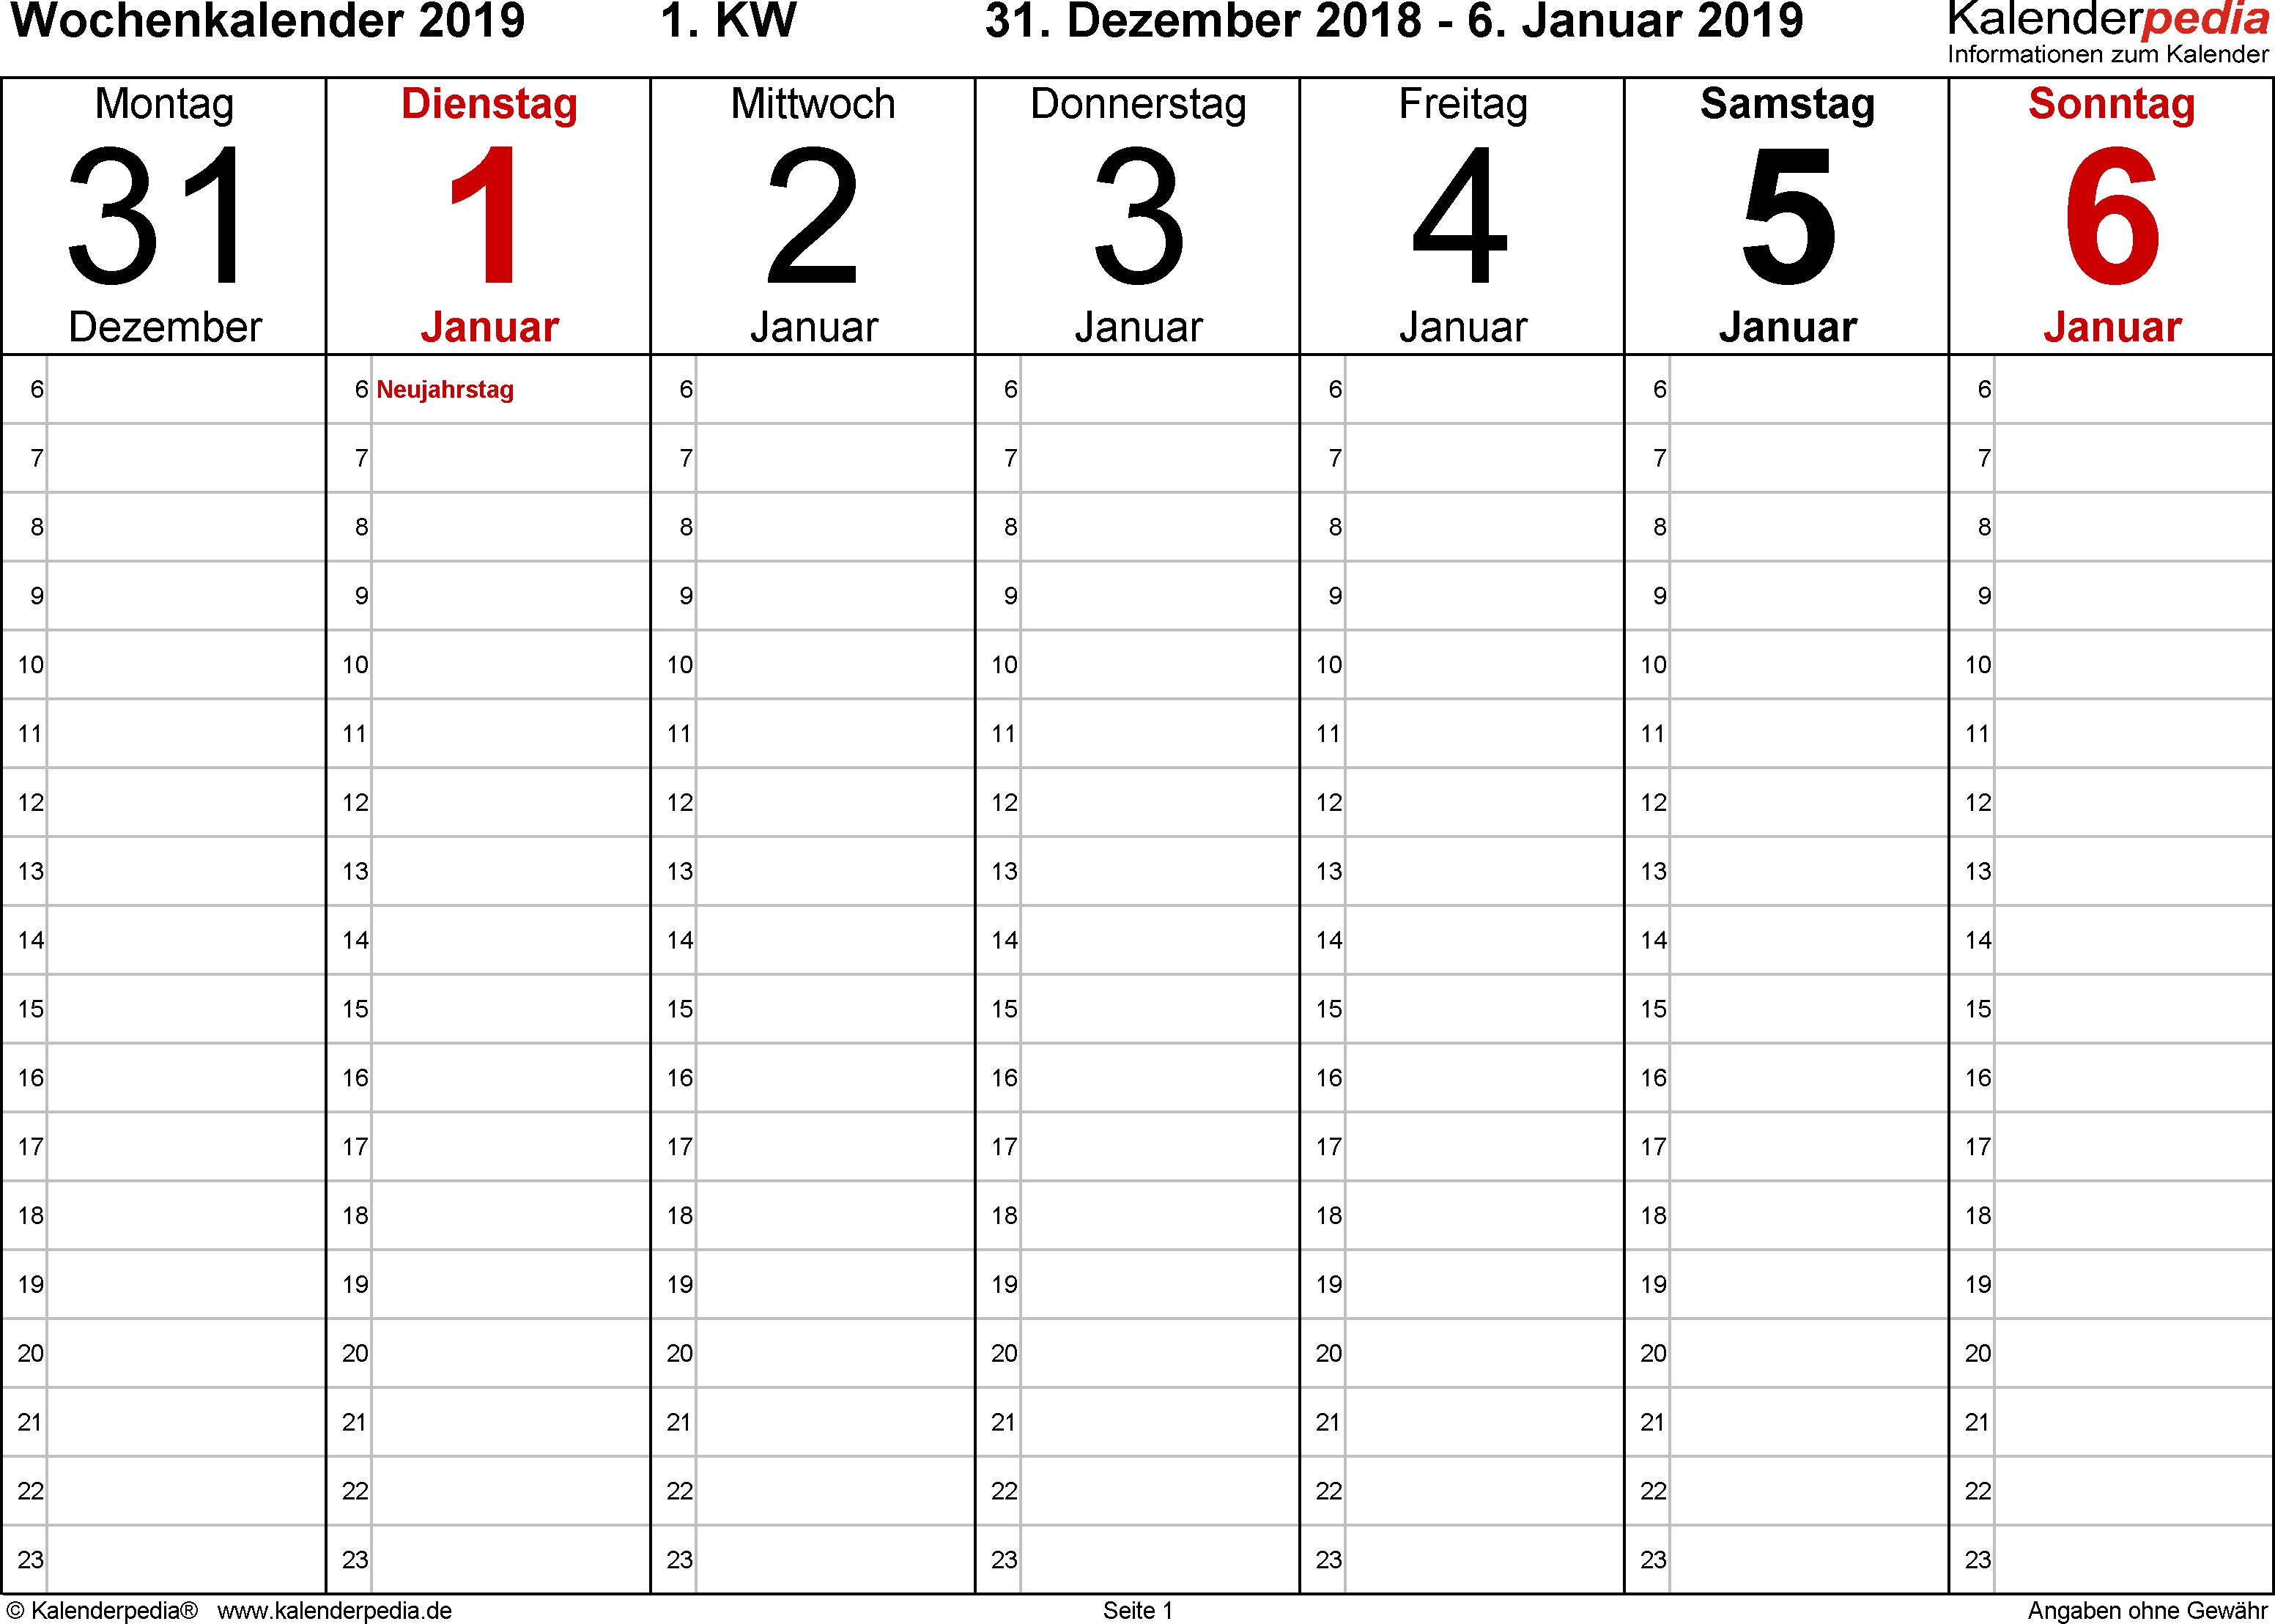 Vorlage 4: Wochenkalender 2019 als Word-Vorlage, Querformat, 53 Seiten (1 Woche auf 1 Seite)